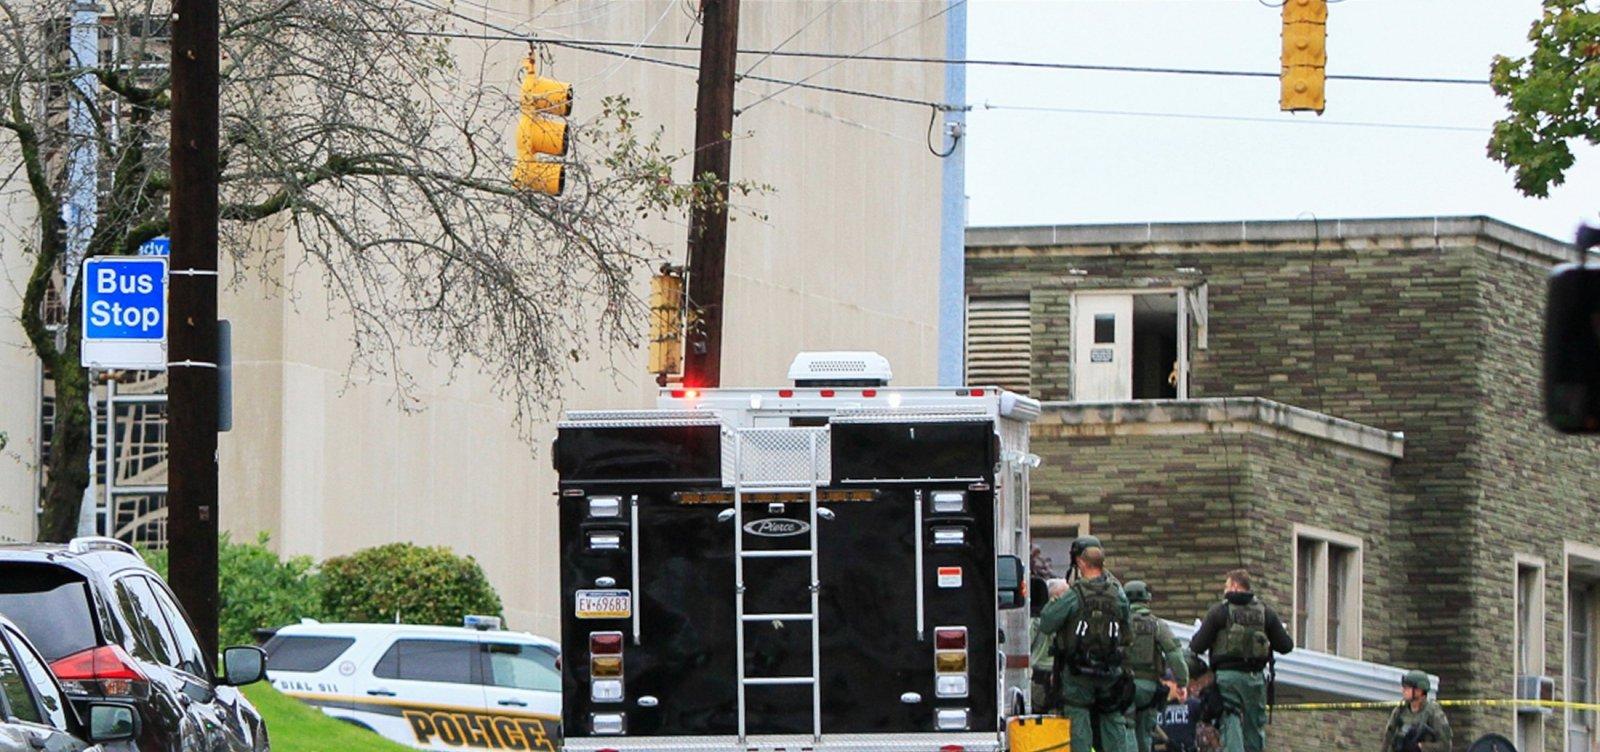 Atirador que matou 11 pessoas em sinagoga nos EUA fazia posts antissemitas na web